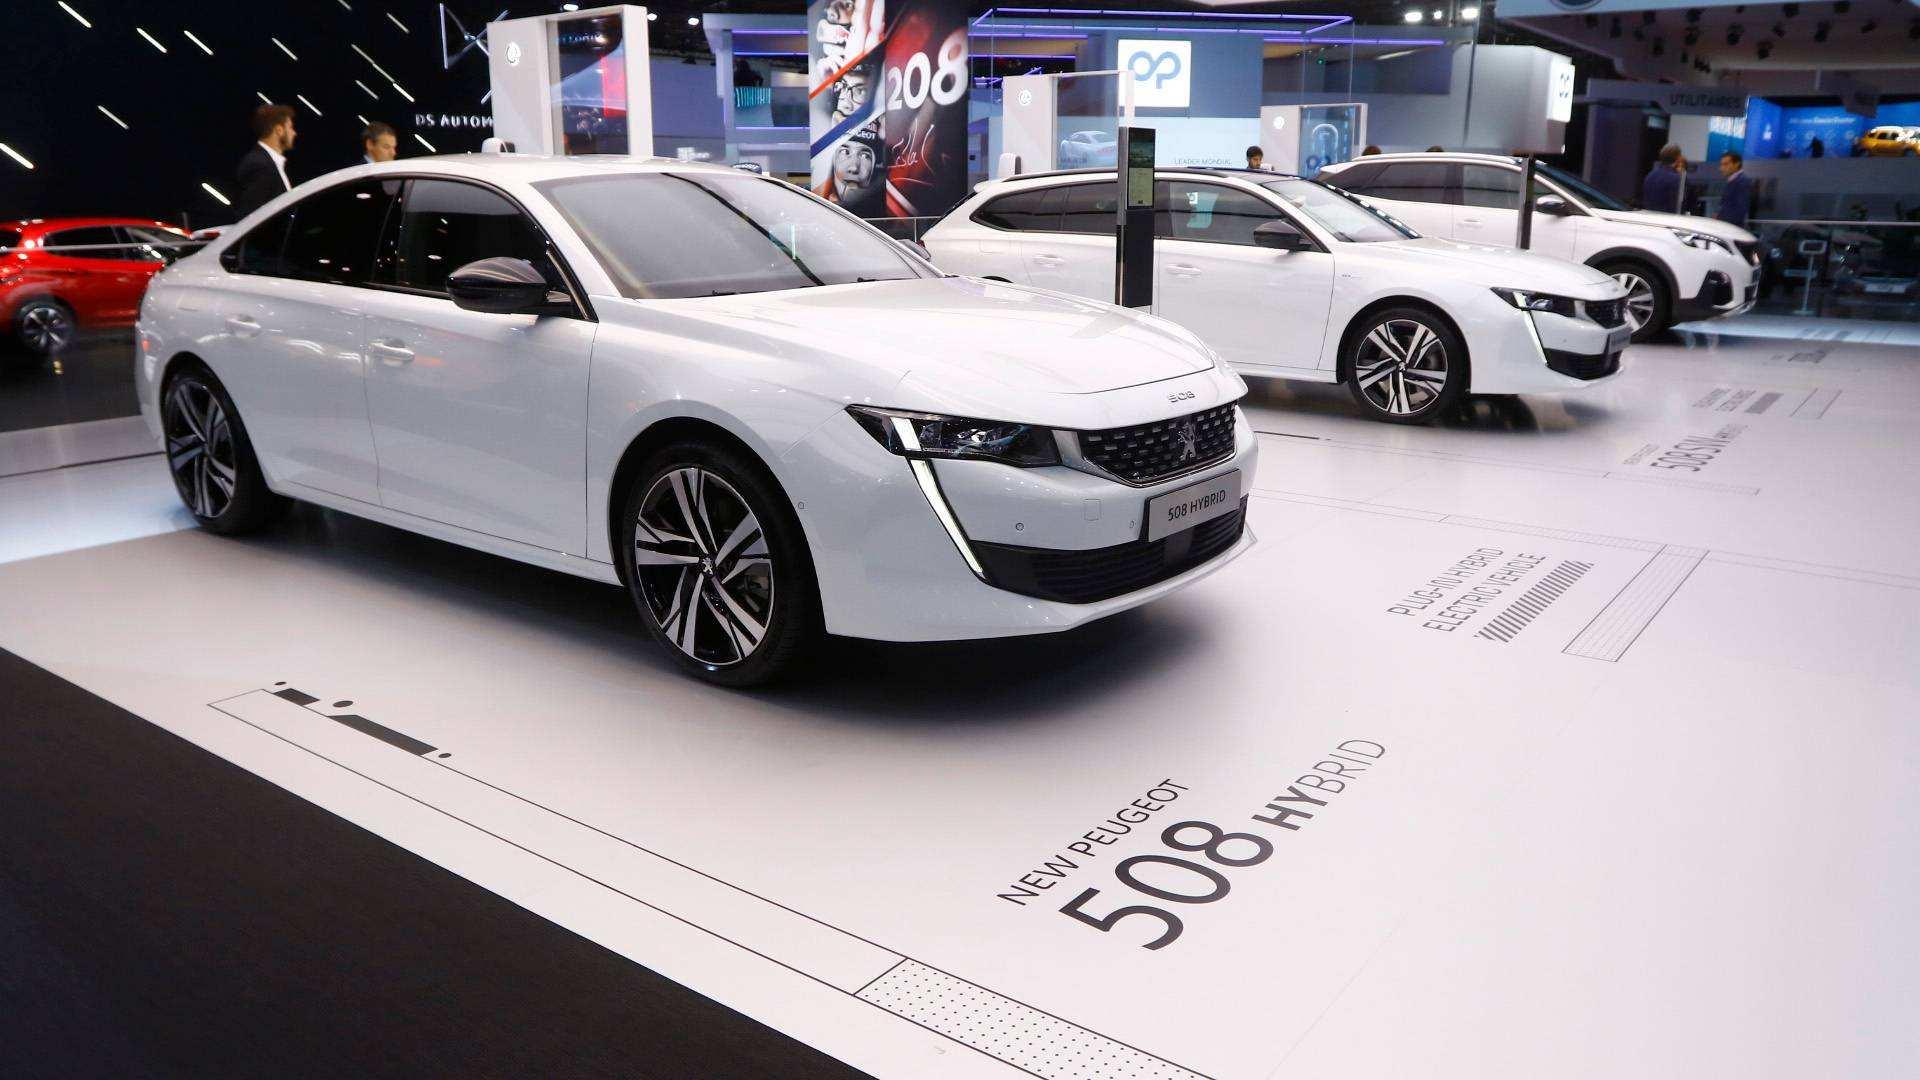 53 All New 2019 Peugeot 3008 Hybrid Images for 2019 Peugeot 3008 Hybrid